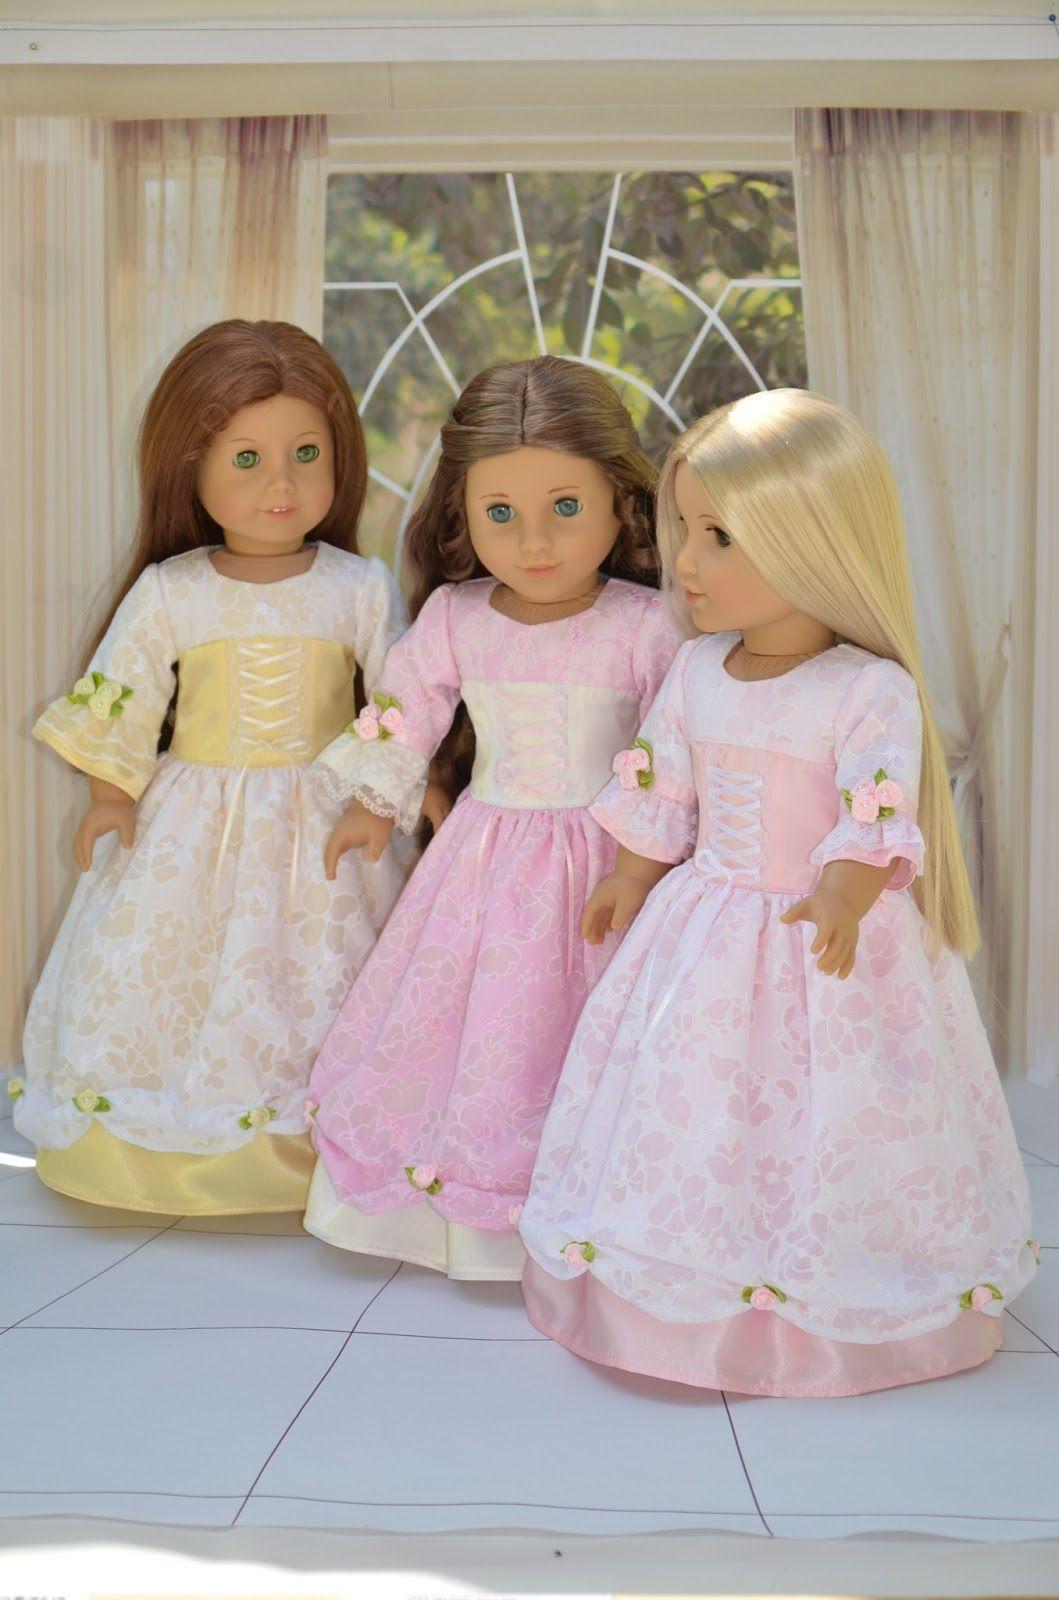 Pin von Barbara Tepe auf Puppen | Pinterest | Puppenkleidung, Puppen ...